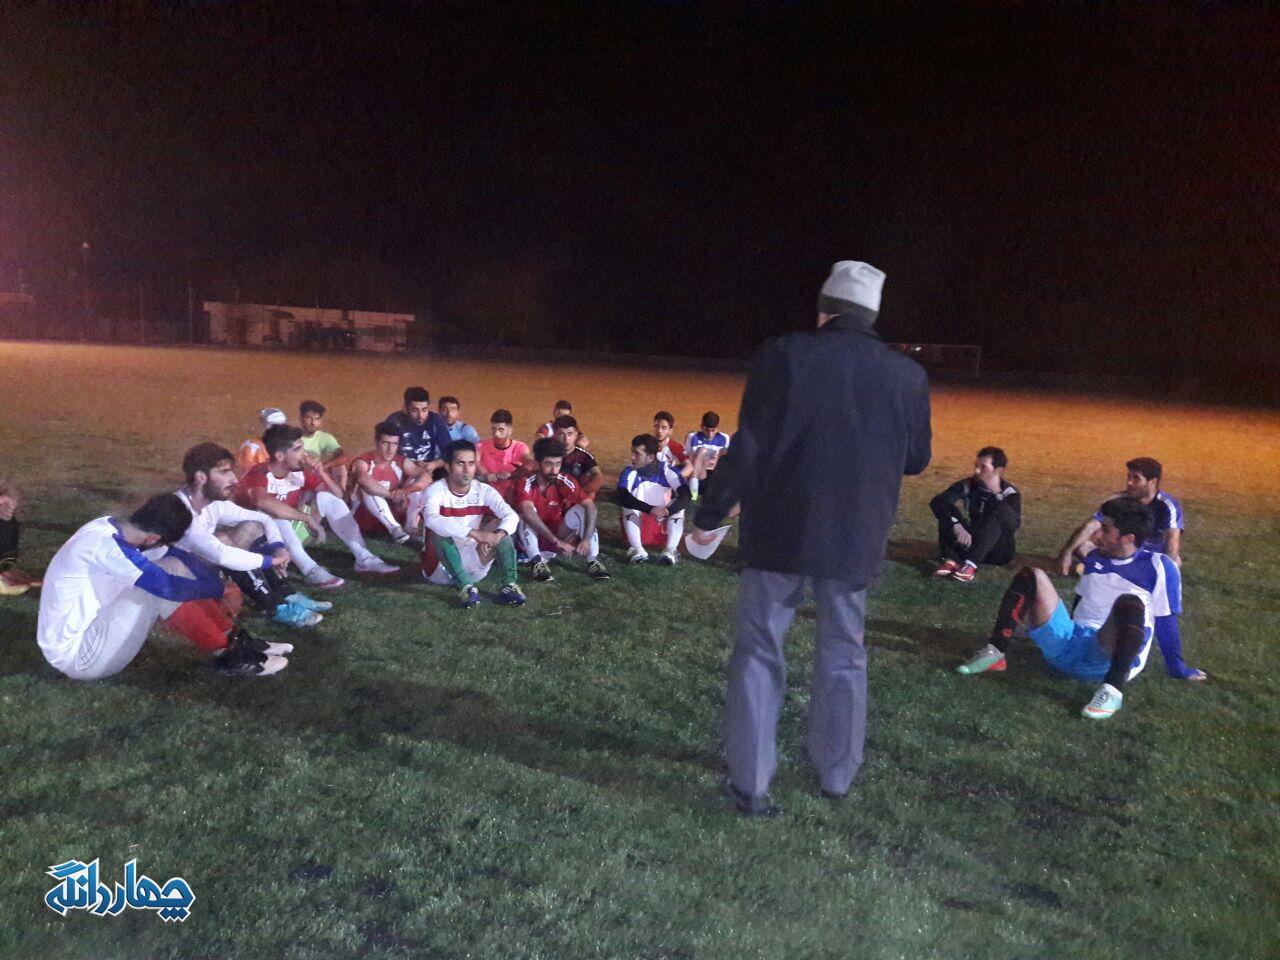 گزارش تصویری تمرین تیم فوتبال چهاردانگه برای شرکت در المپیاد ورزشی ساری